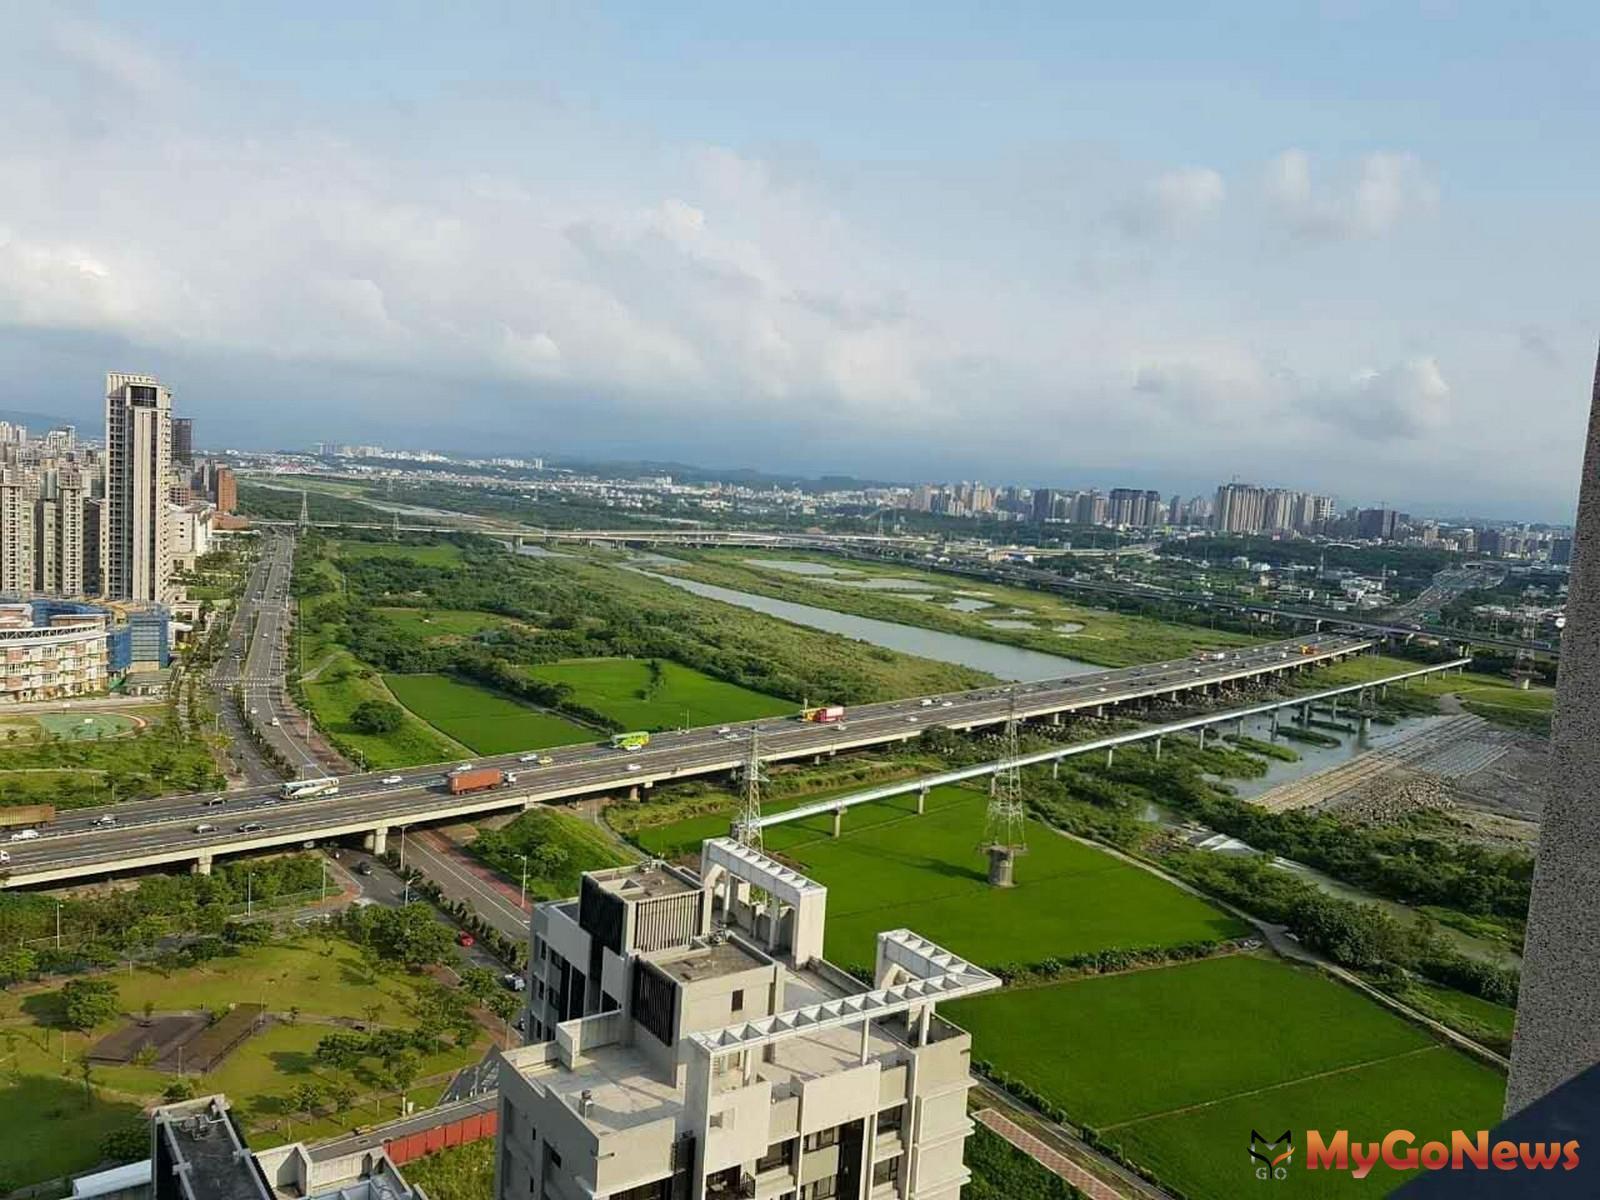 竹北市吸引了大量的科學園區工作人口,不僅為竹北市帶來人口成長、提高了住民的所得水準,也帶動房市交易的熱度(圖/永慶房屋) MyGoNews房地產新聞 市場快訊